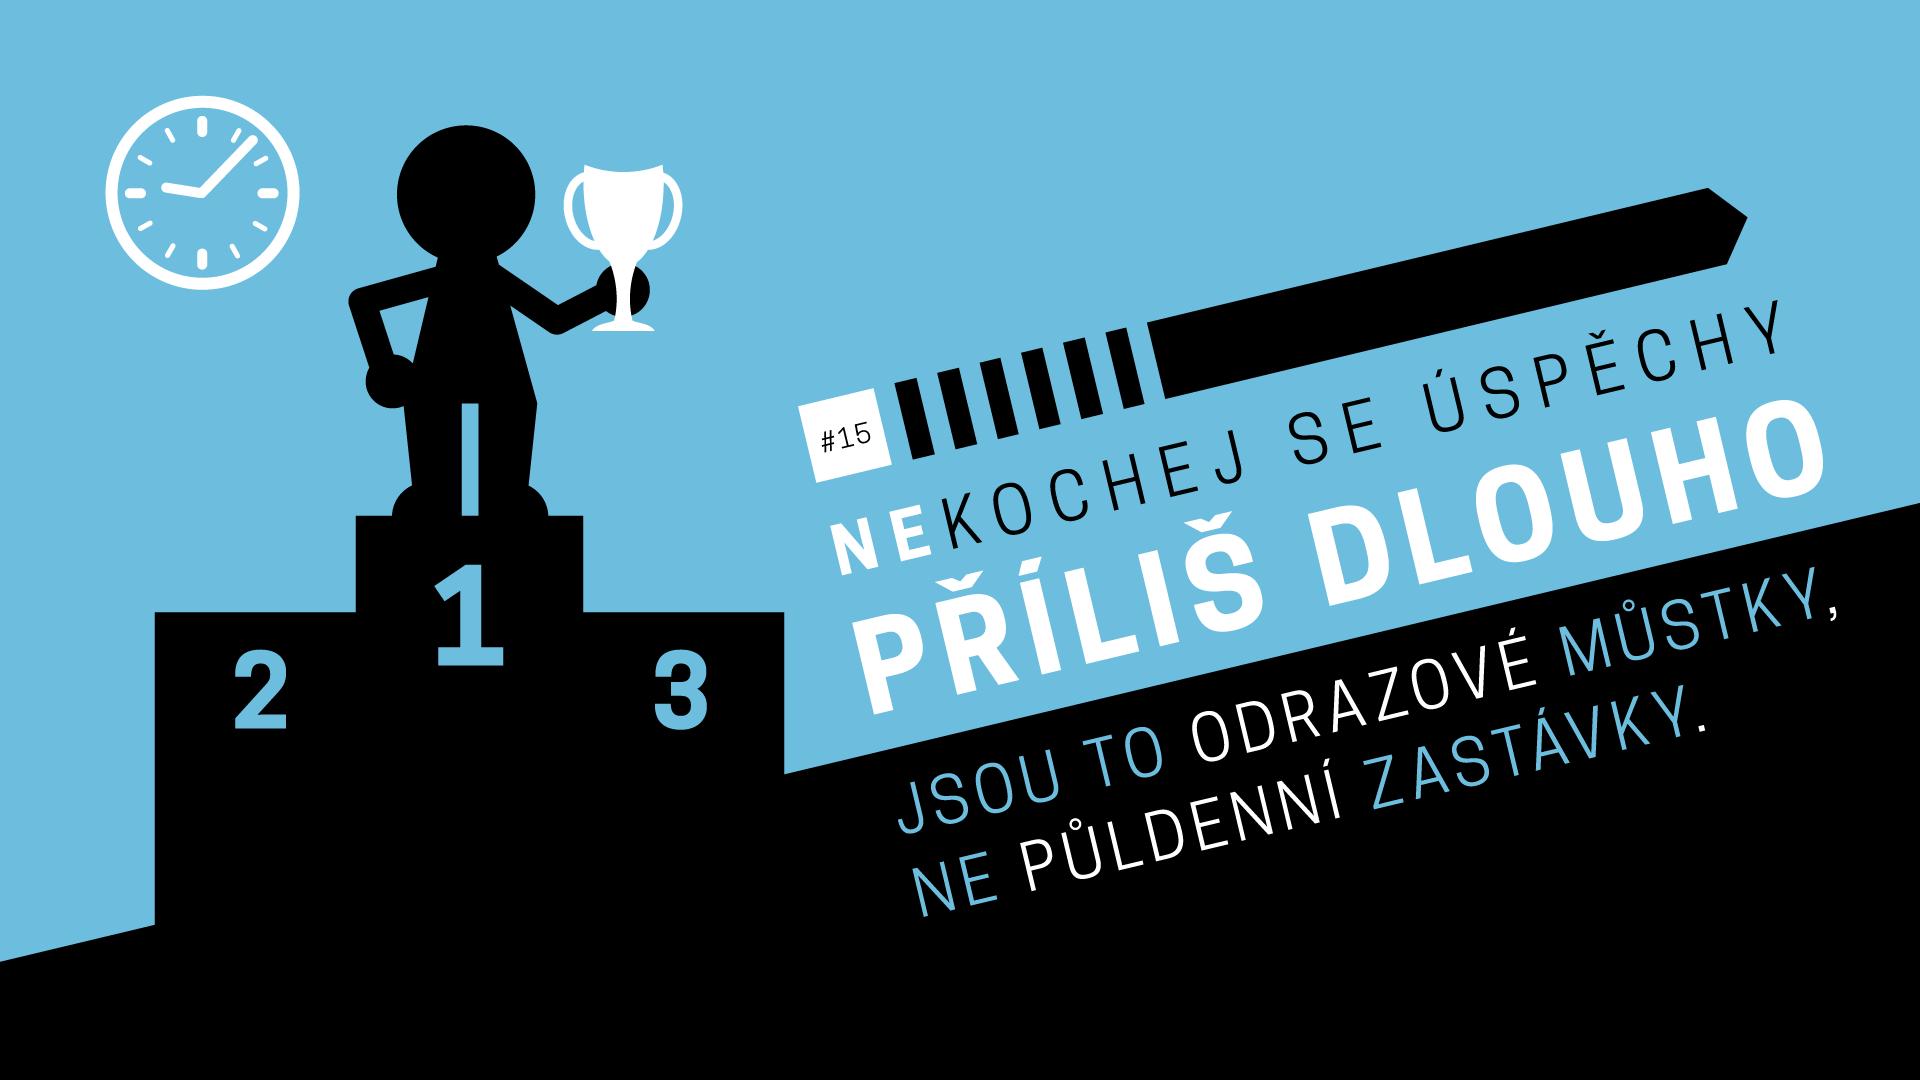 Jan Konečný - Nekochej se úspěchy příliš dlouho - TIP #15